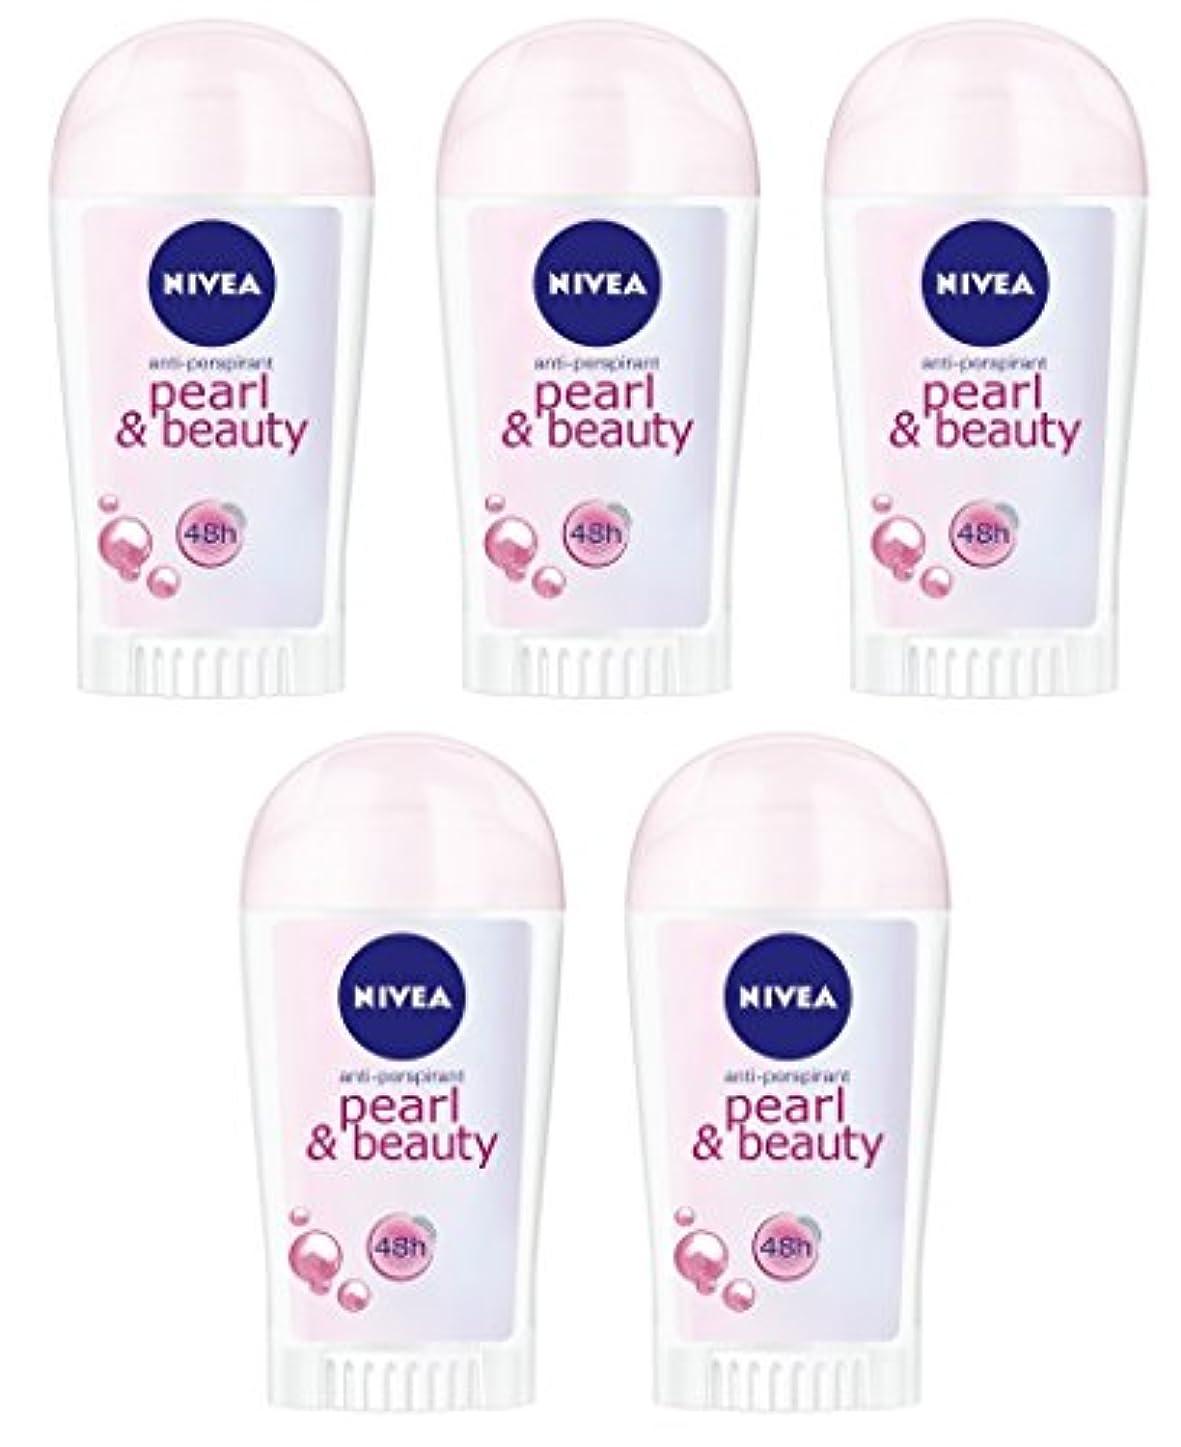 無し微生物ギャラリー(5パック) ニベアパールそしてビューティー制汗剤デオドラントスティック女性のための5x40ml - (Pack of 5) Nivea Pearl & Beauty Anti-perspirant Deodorant...